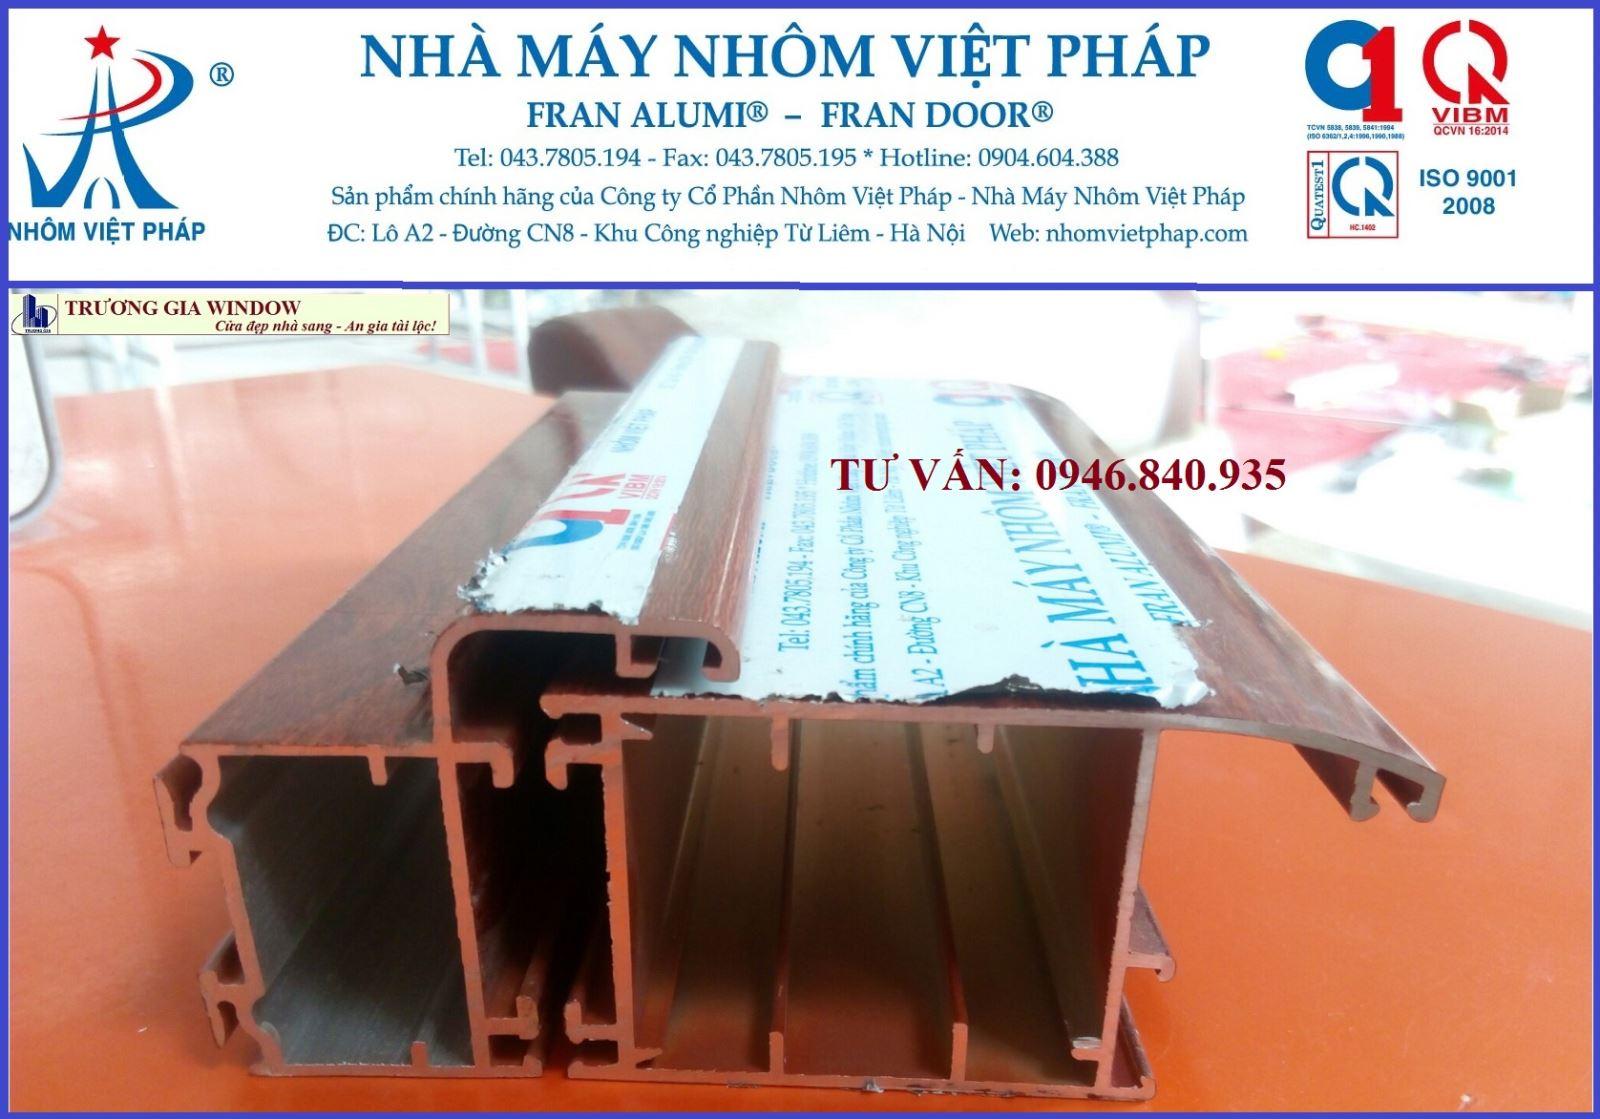 Cửa nhôm Việt pháp chính hãng, cửa nhôm Việt pháp từ liêm, cửa nhôm việt pháp hà nội